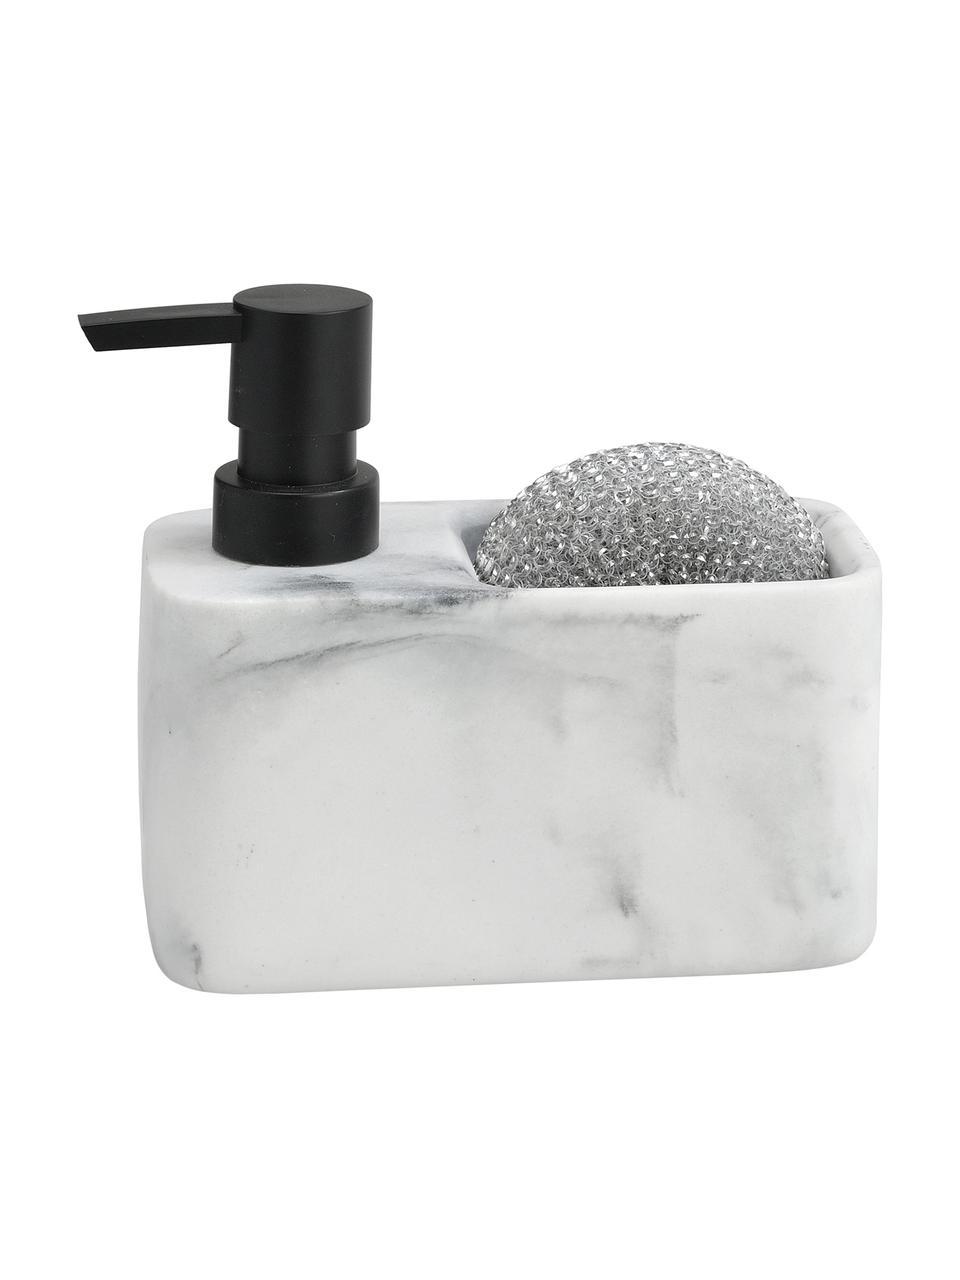 Dozownik do mydła z imitacji marmuru Galia, 2 elem., Biały, marmurowy, odcienie srebrnego, S 15 x W 14 cm